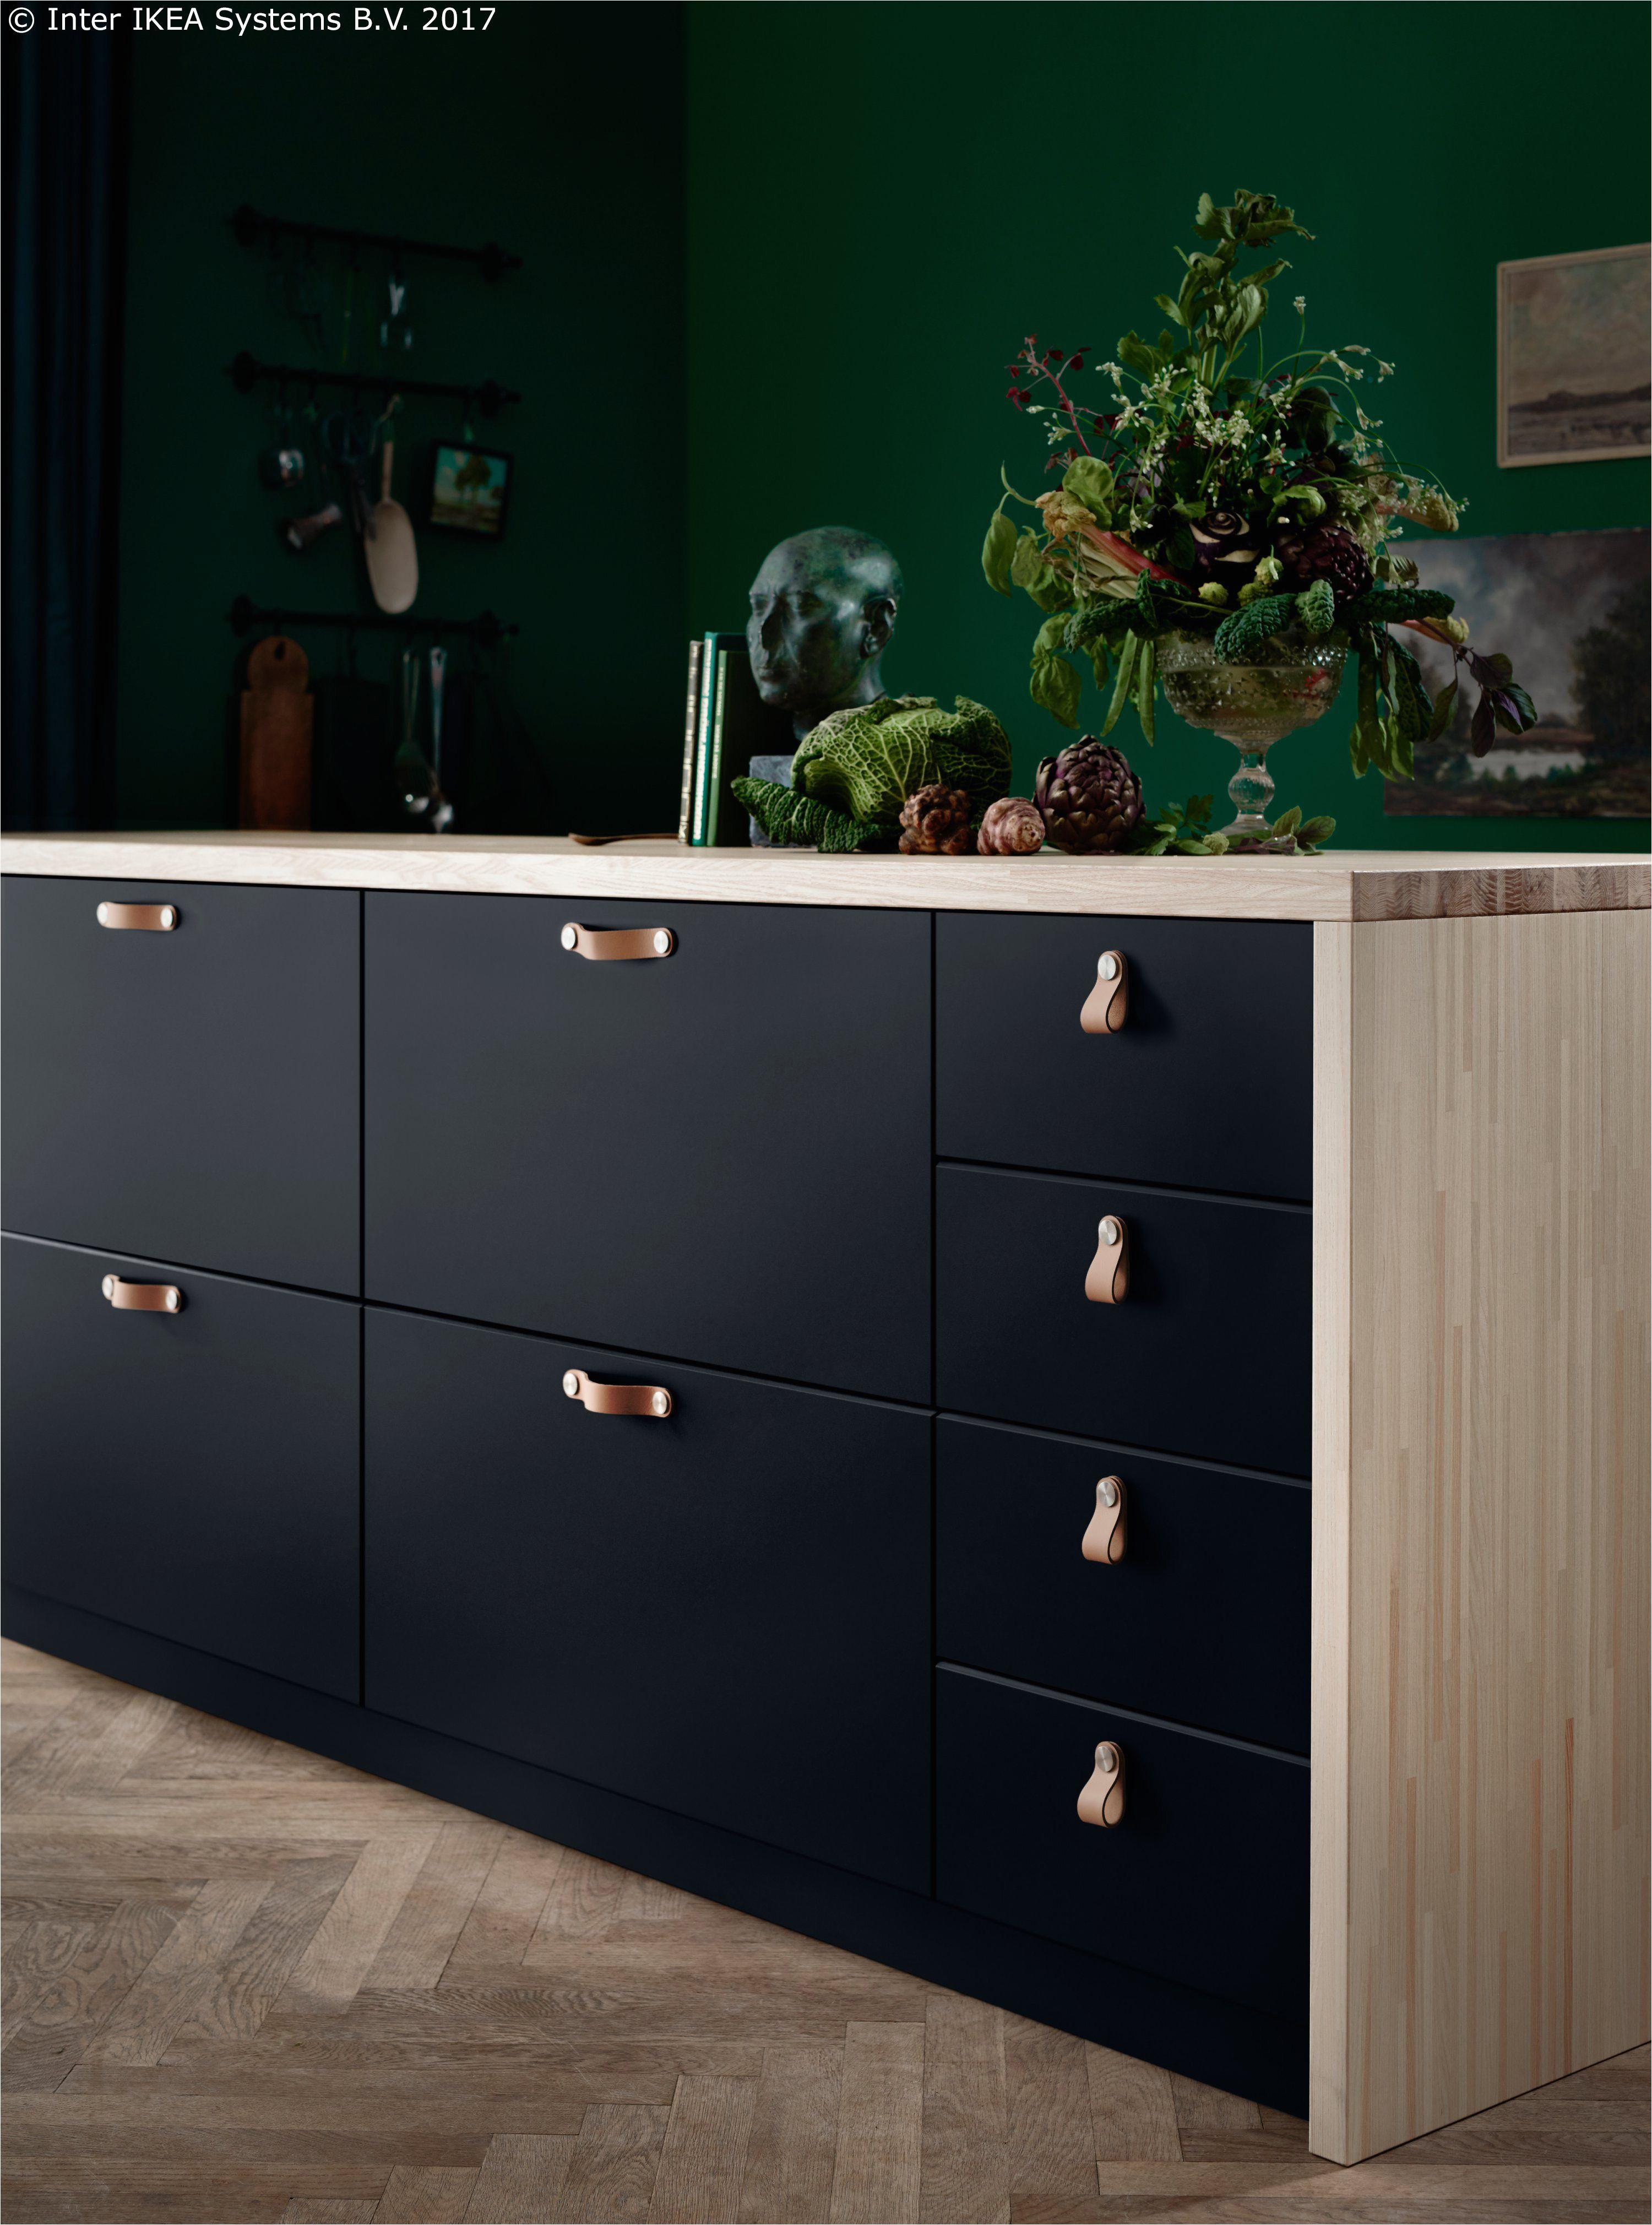 Dishwasher Cover Panel Ikea Adinaporter